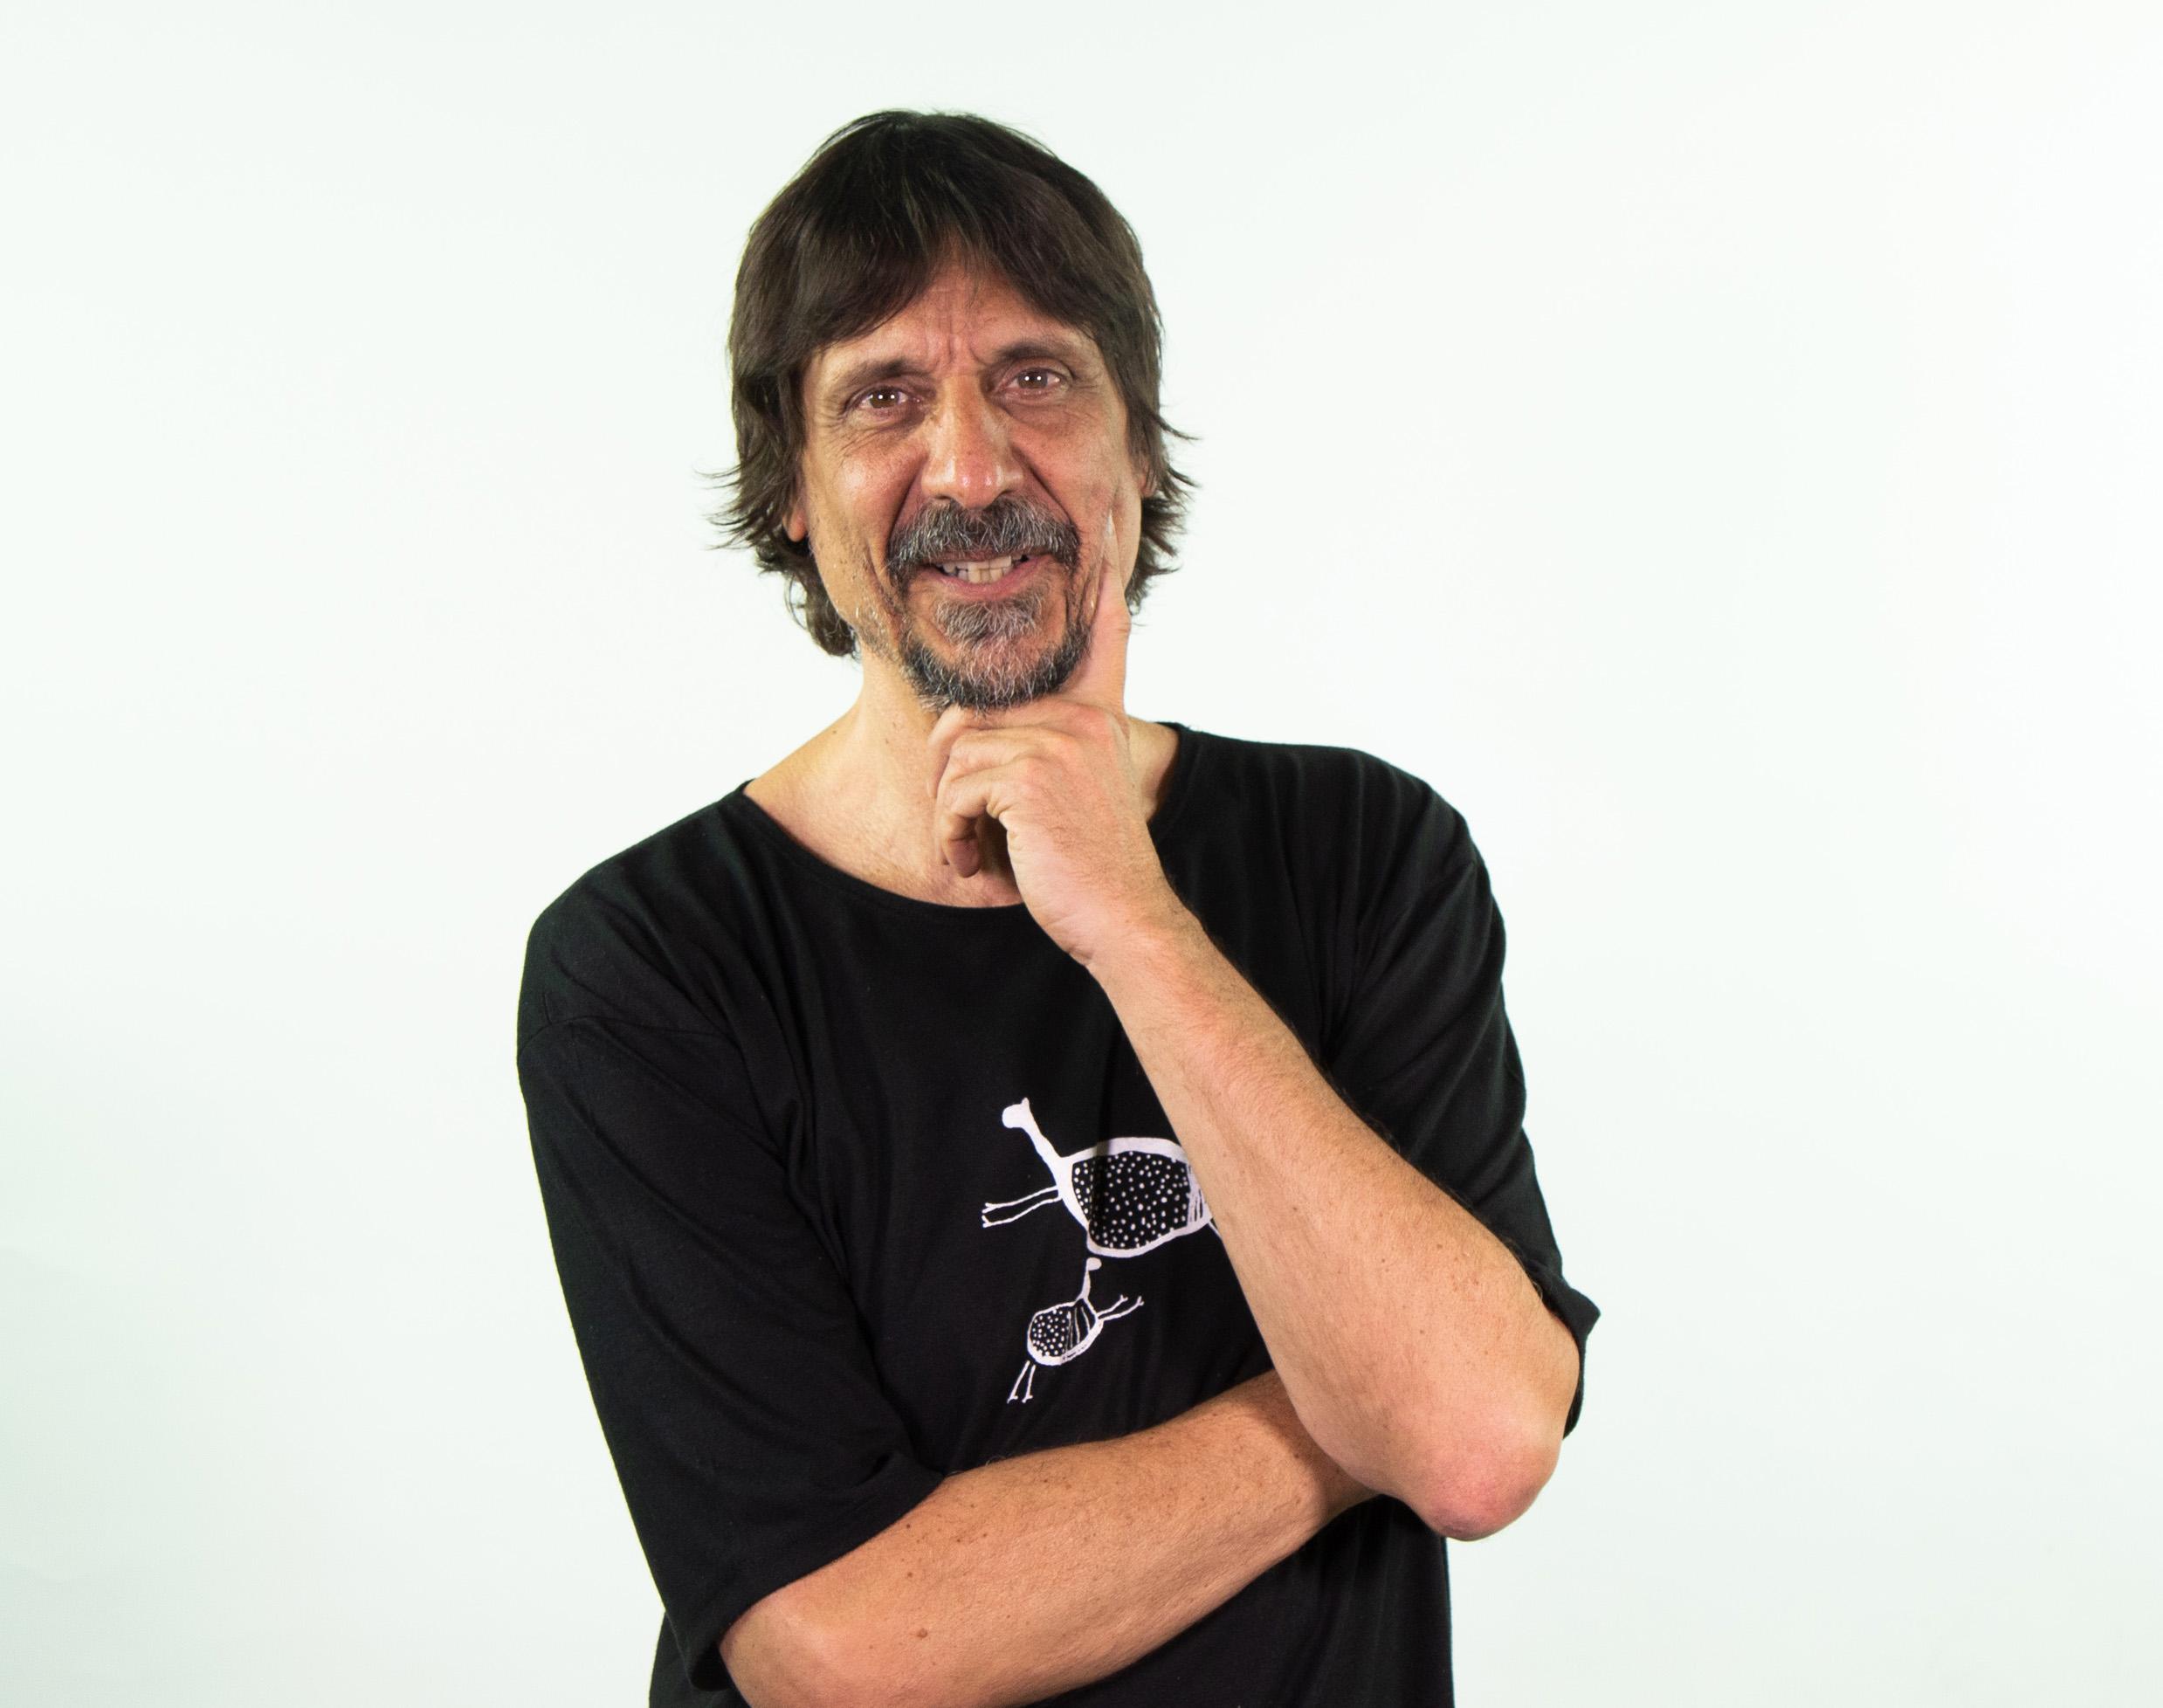 O bom humor e o senso crítico de Eduardo Bueno no encerramento da série que refletiu sobre o Brasil